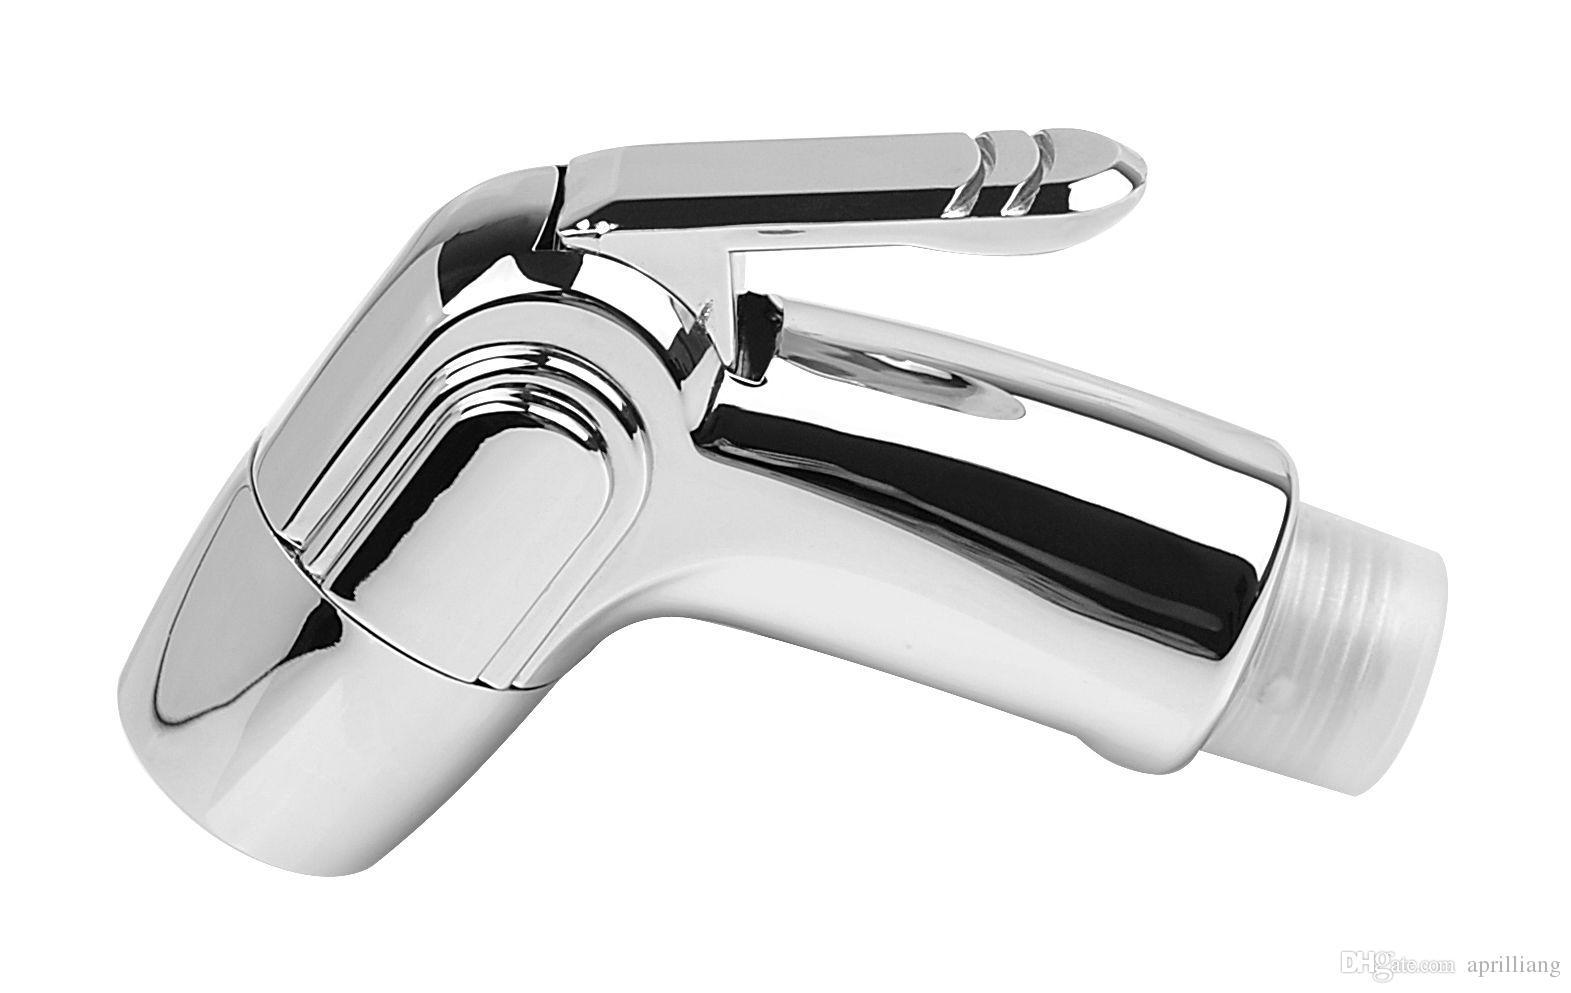 Heißer verkauf Chrom shattaf wc ABS bidet sprühkopf mit hotcold wasser Waschen mischventil